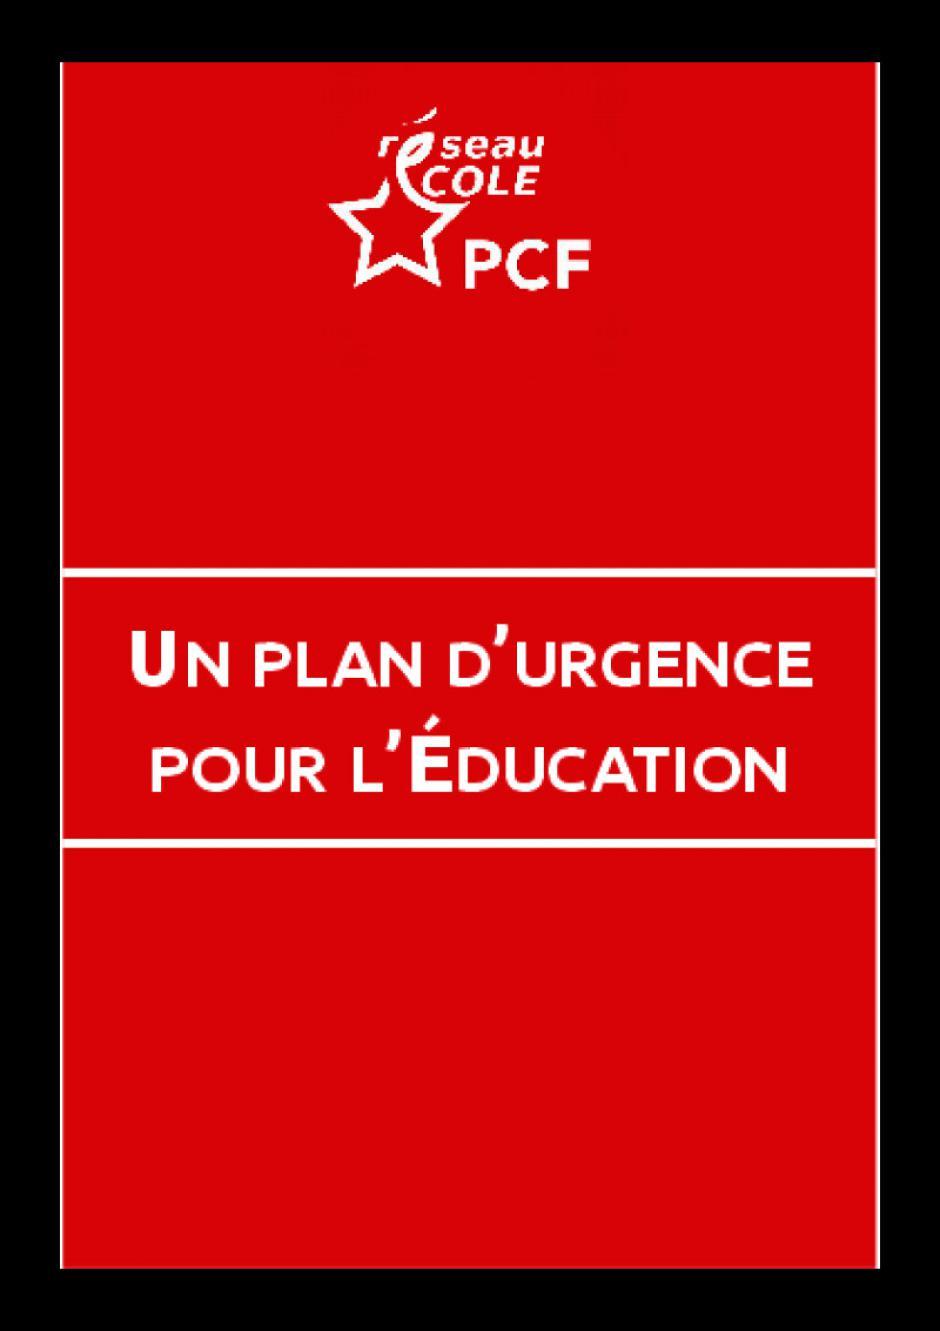 Un plan d'urgence pour l'école